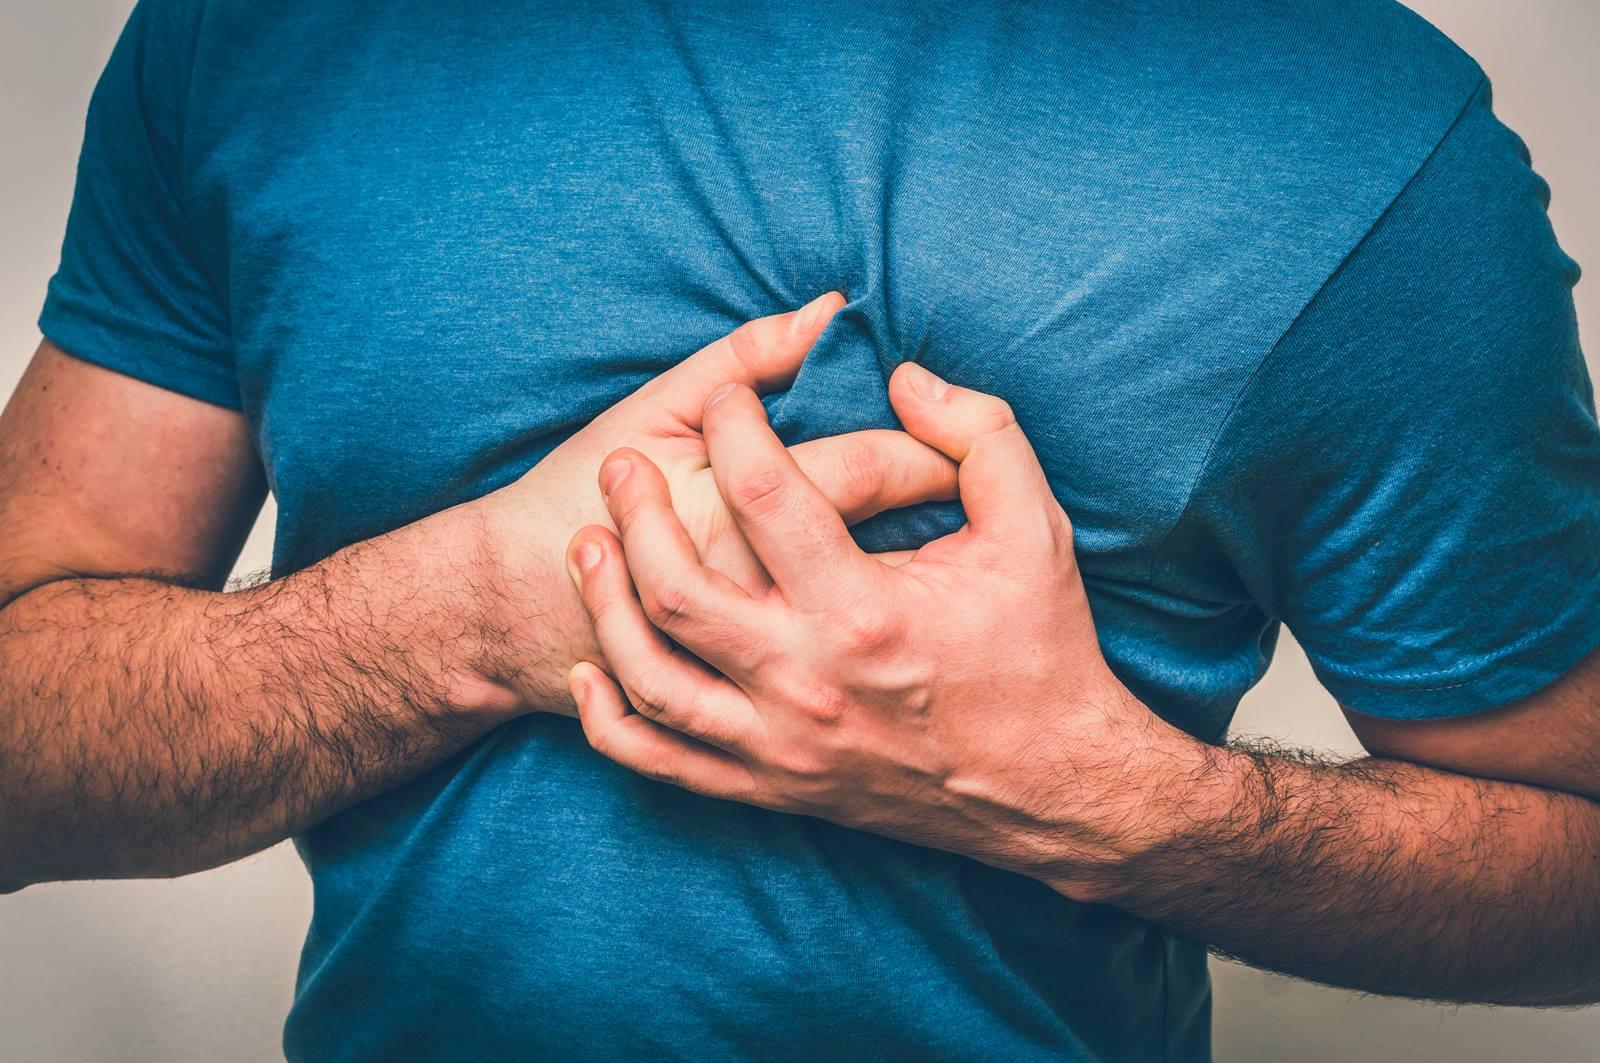 हार्ट अटैक के अलावा ये भी हो सकते हैं सीने में दर्द के कारण